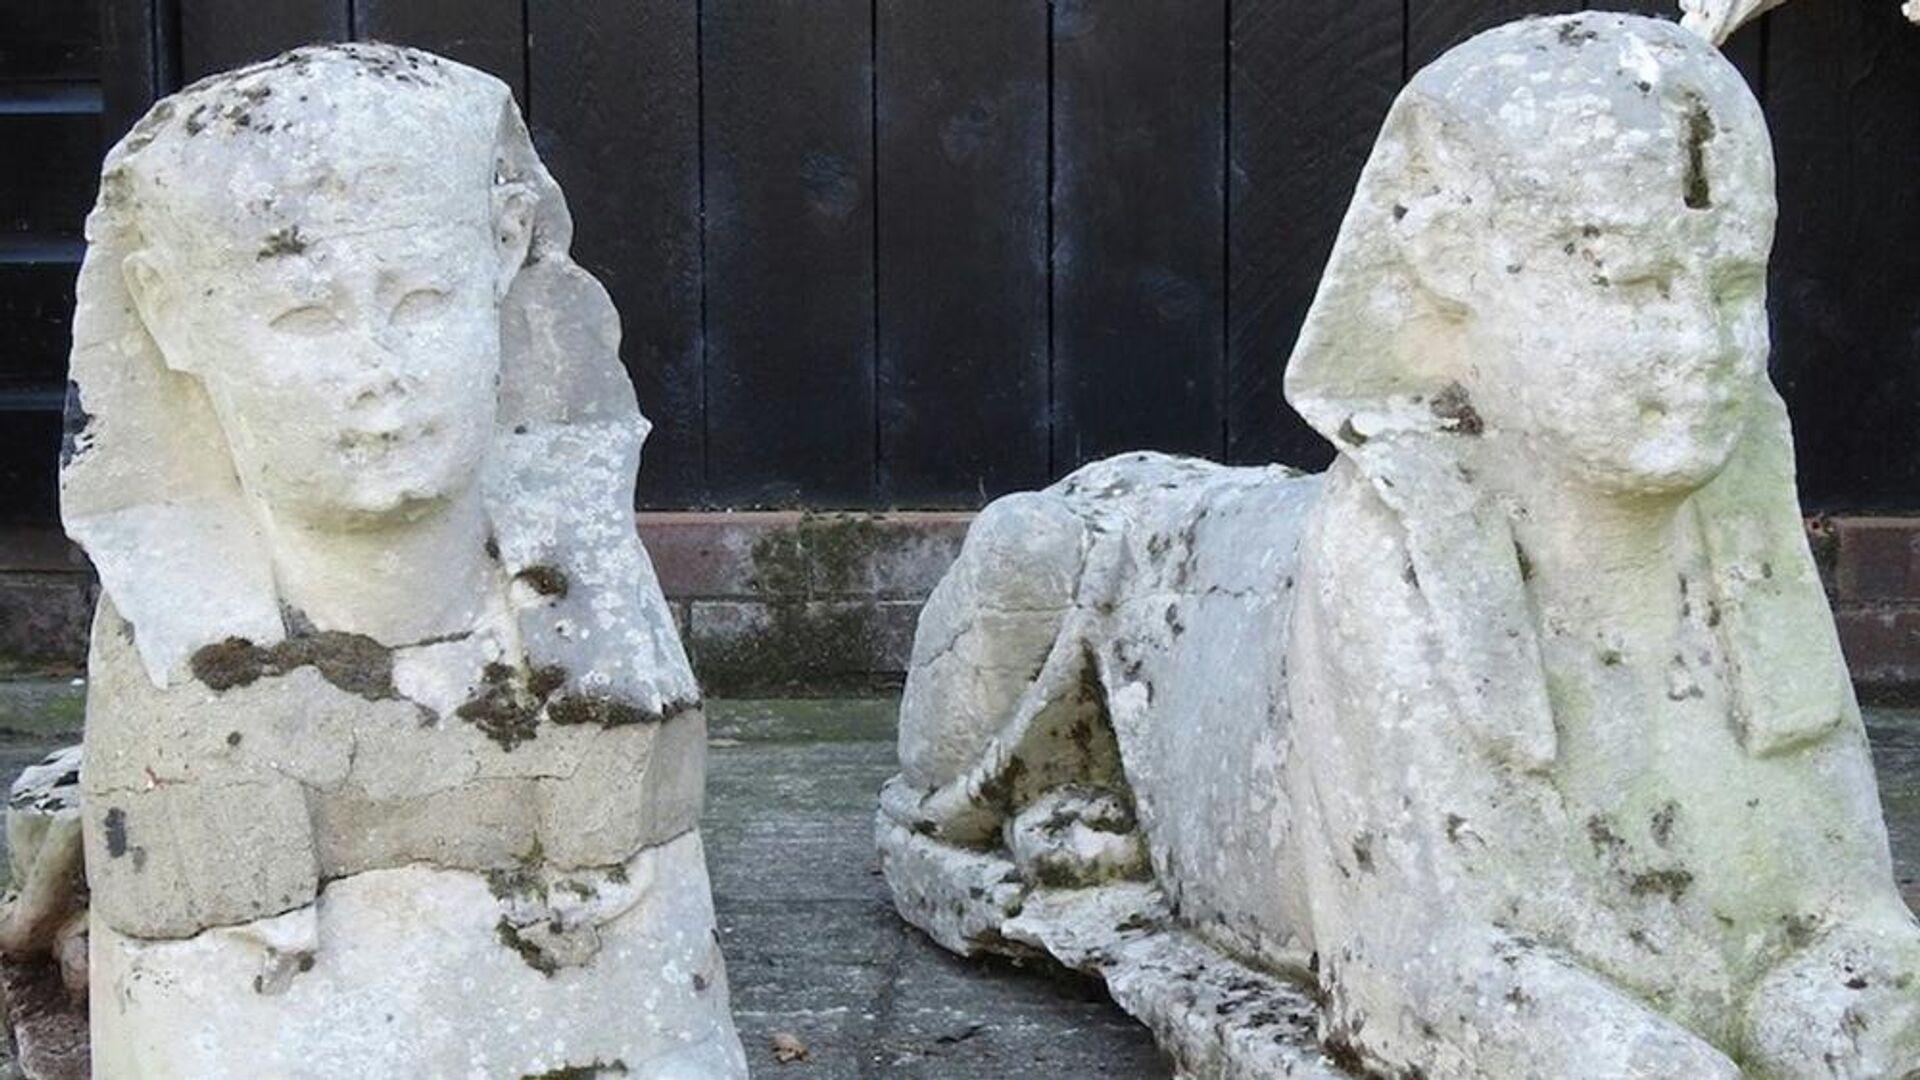 Παλιά αγάλματα στον κήπο οικογένειας αποδείχτηκαν αληθινές σφίγγες της αρχαίας Αιγύπτου - Sputnik Ελλάδα, 1920, 14.10.2021